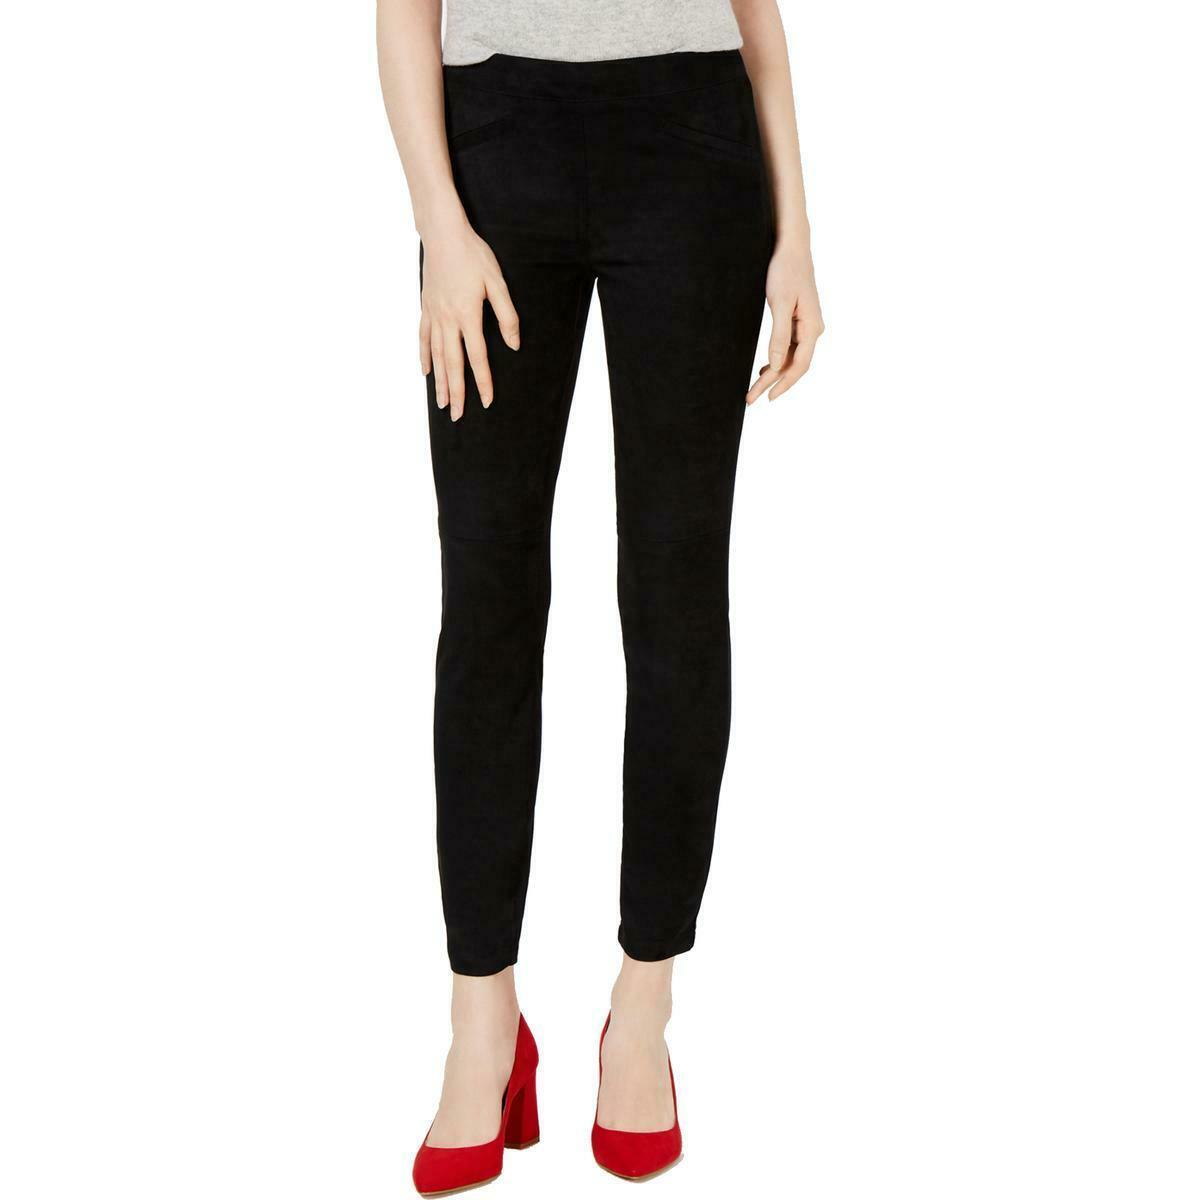 Bar Iii Женские брюки укороченные без замка 2000000386454